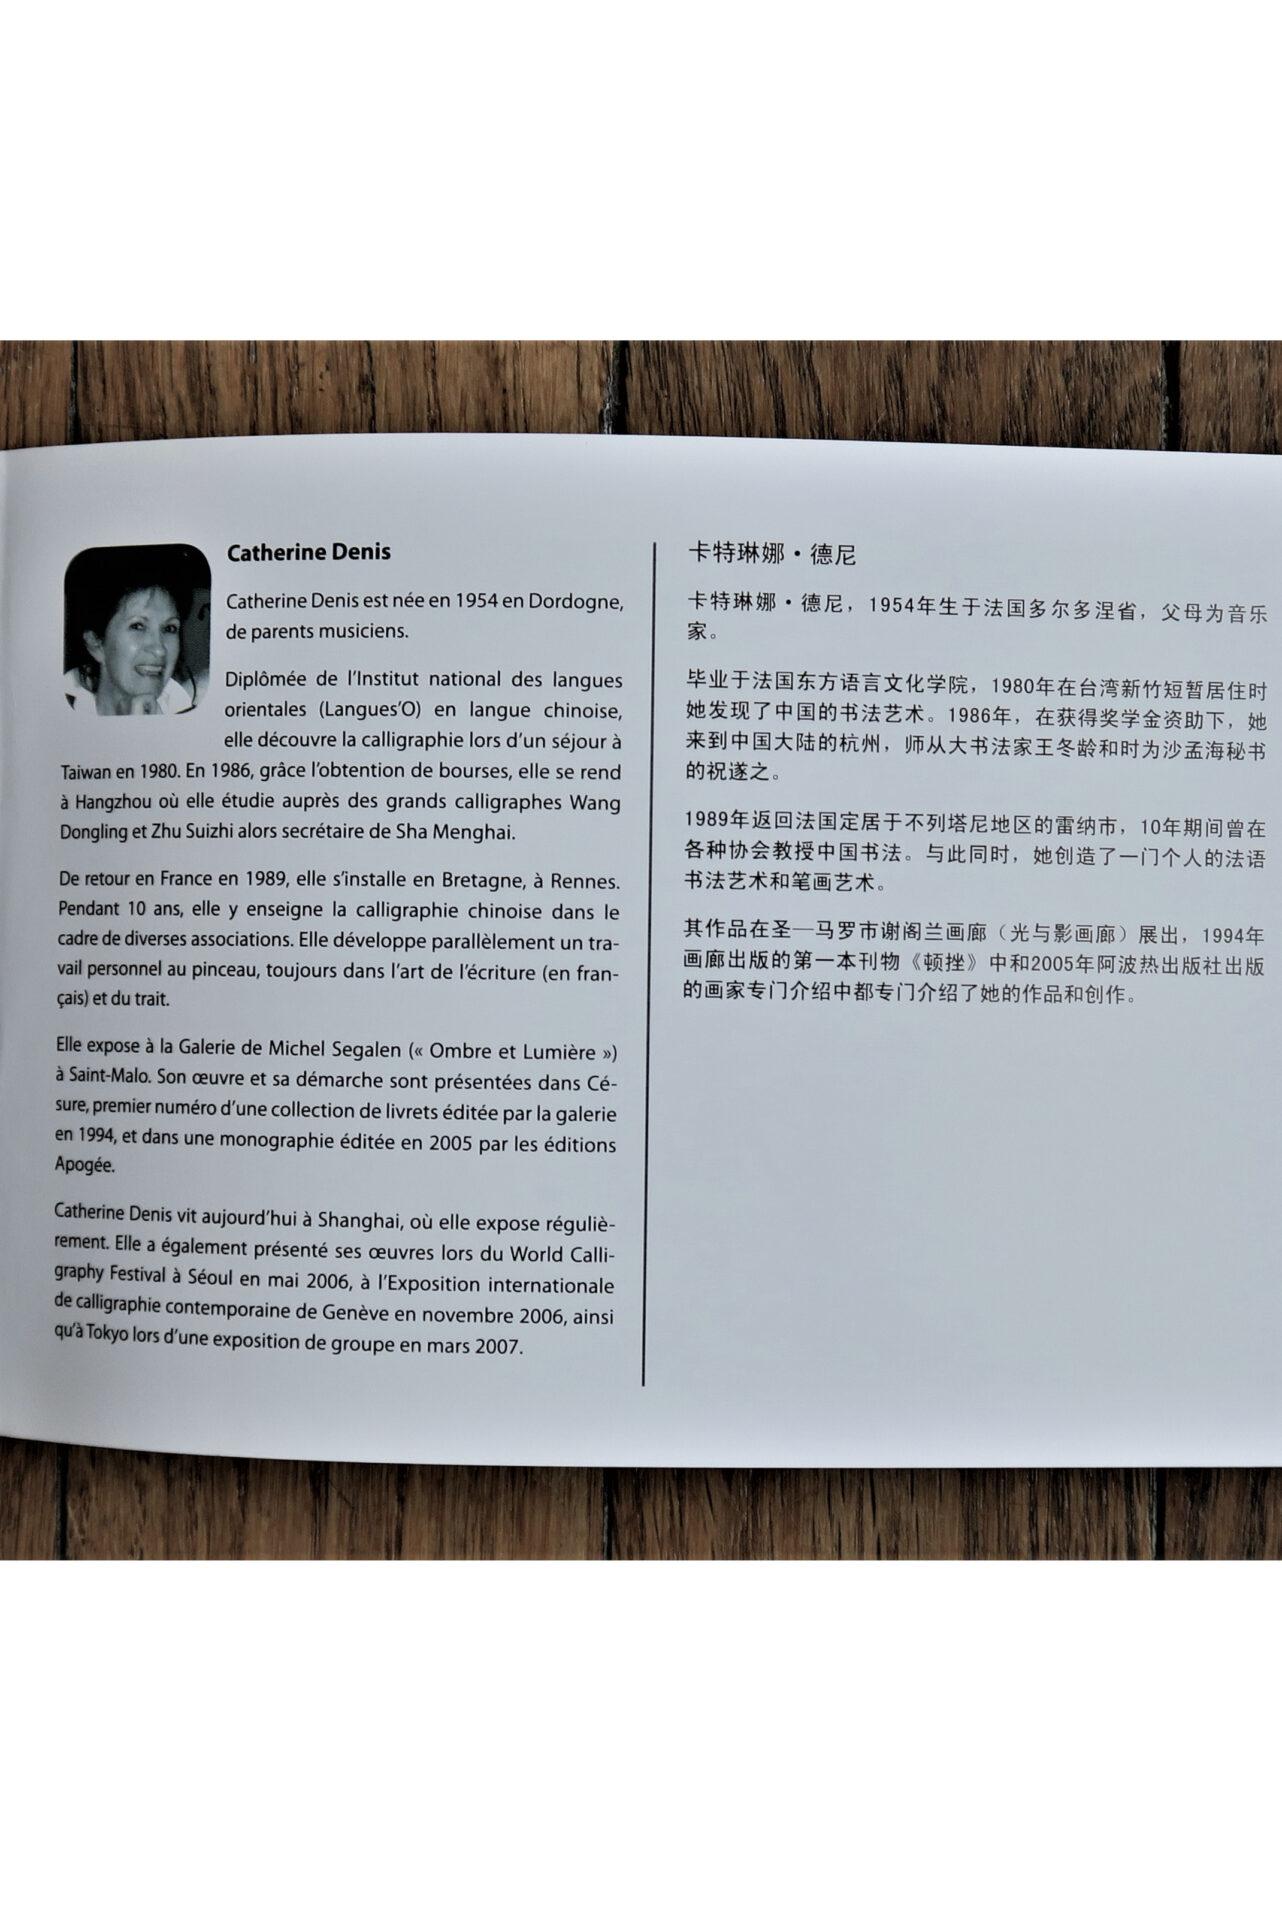 2008 - Le Printemps des poètes à Pékin - 2